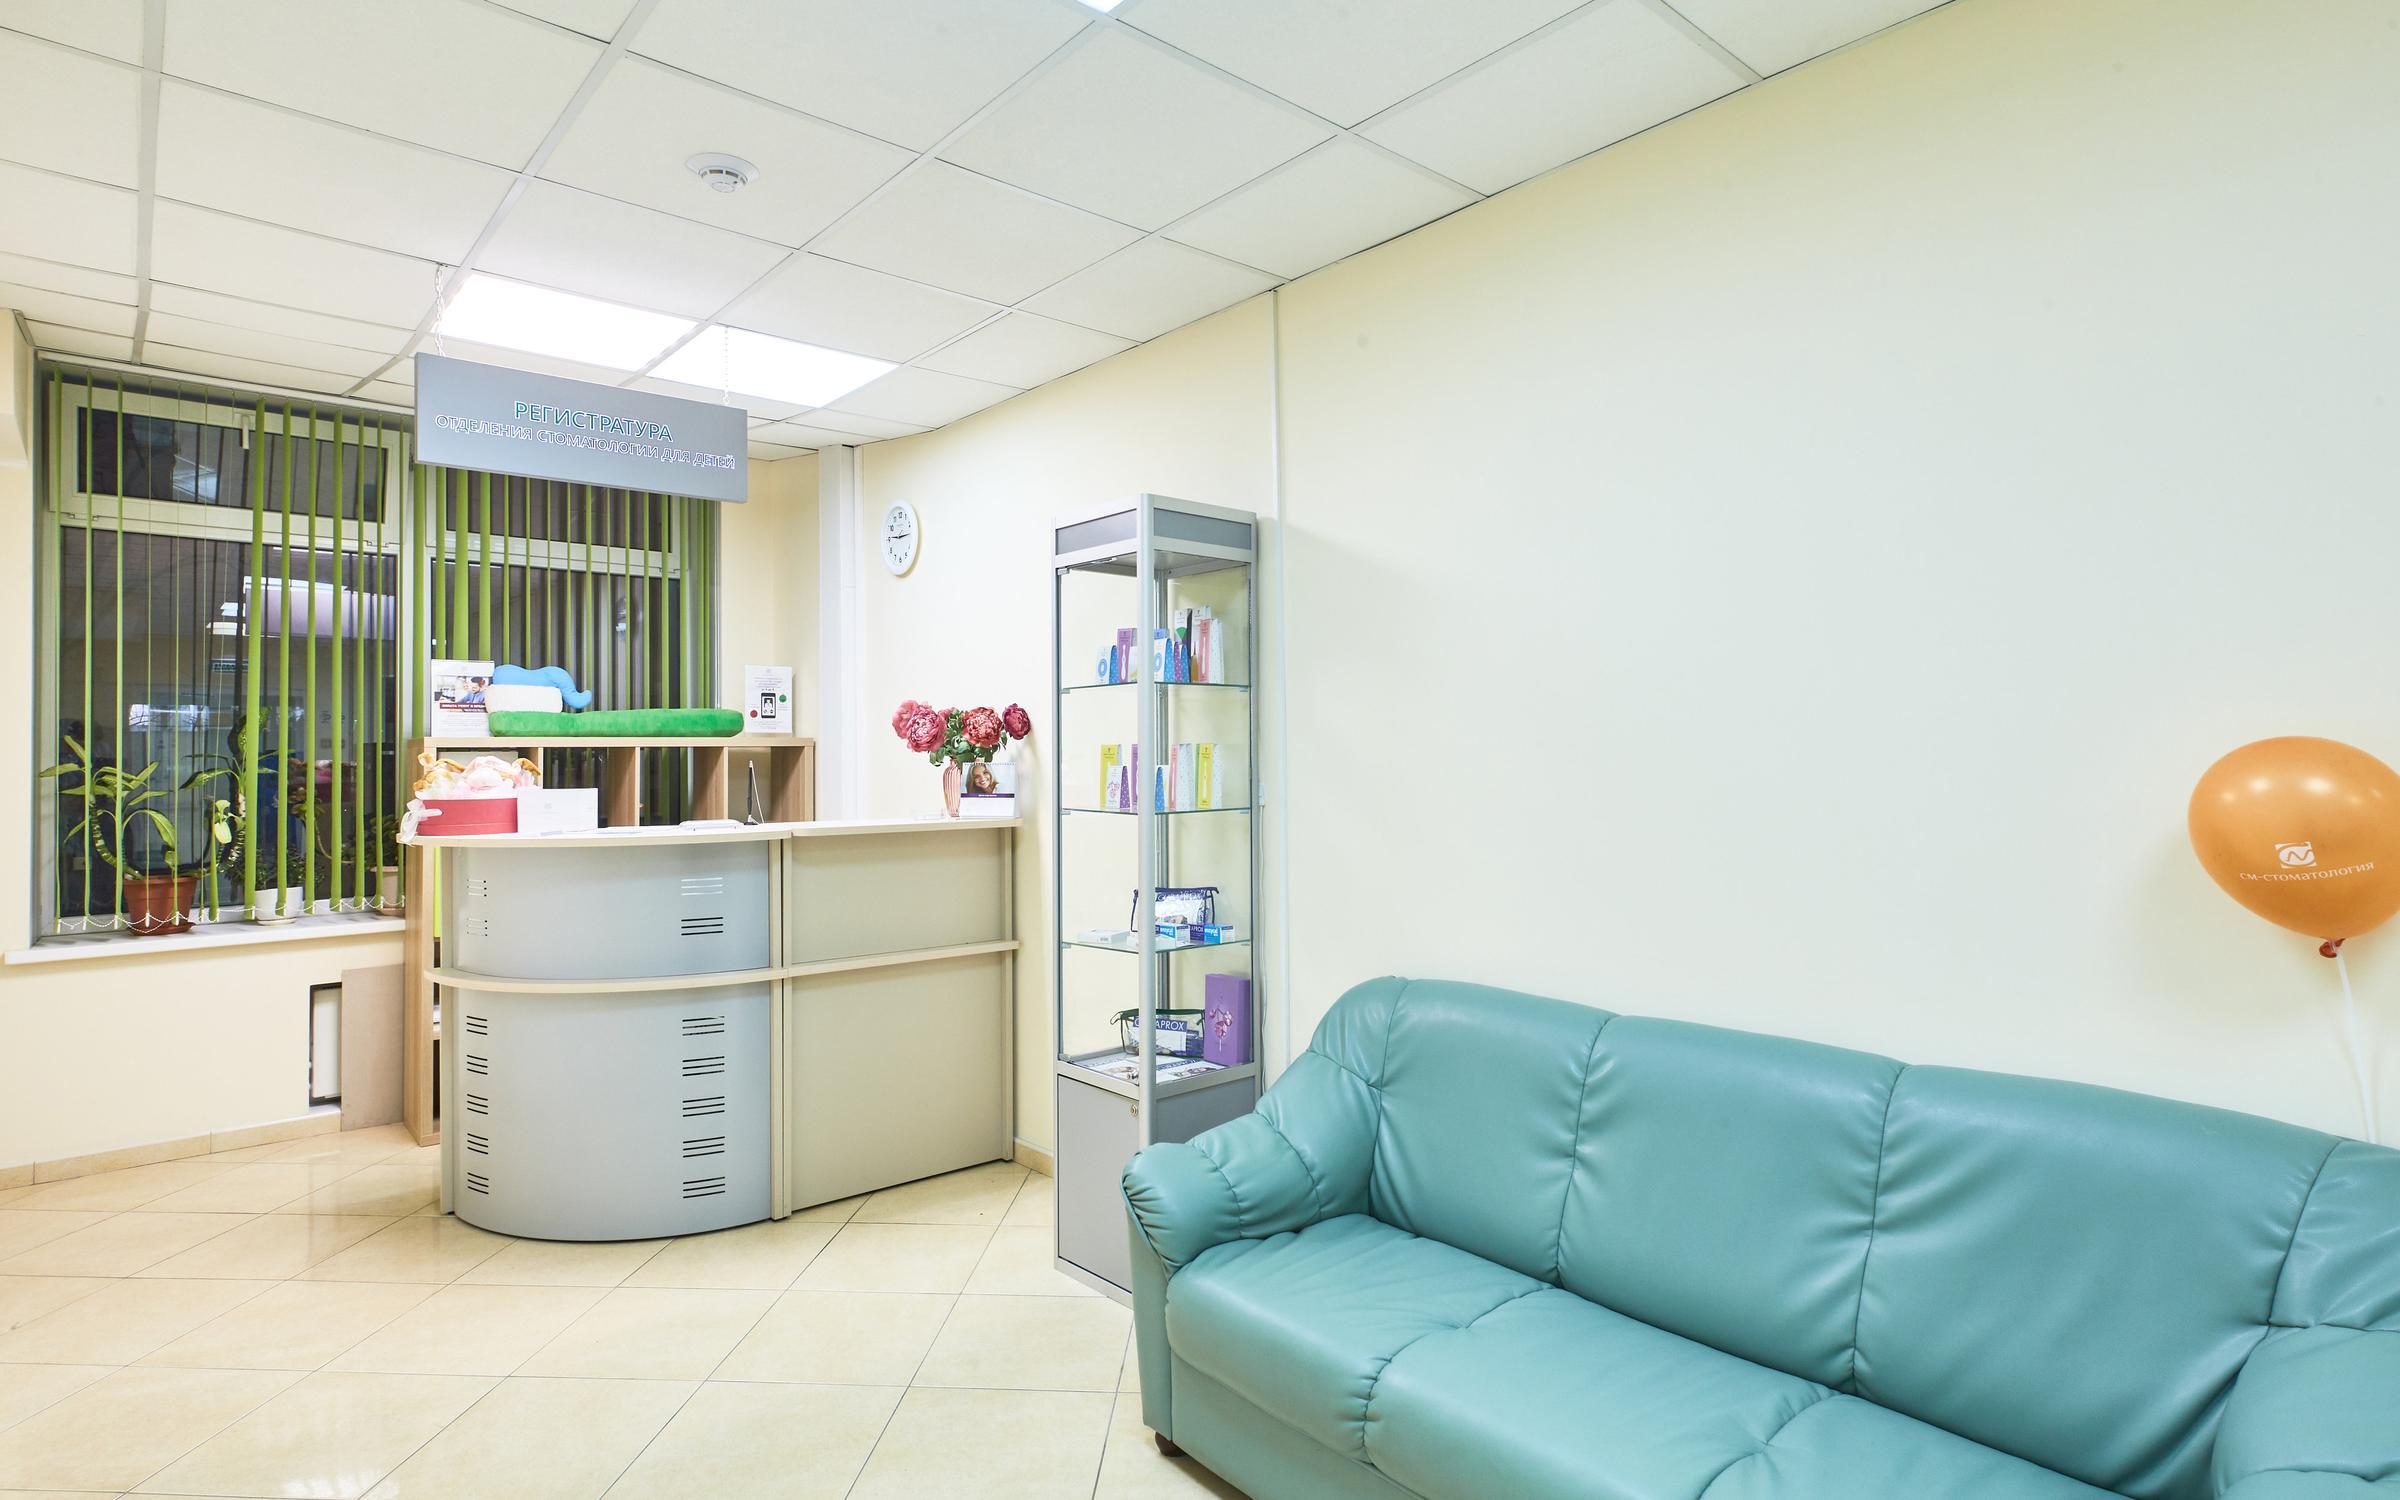 фотография Детской стоматологии СМ-Доктор на Волгоградском проспекте